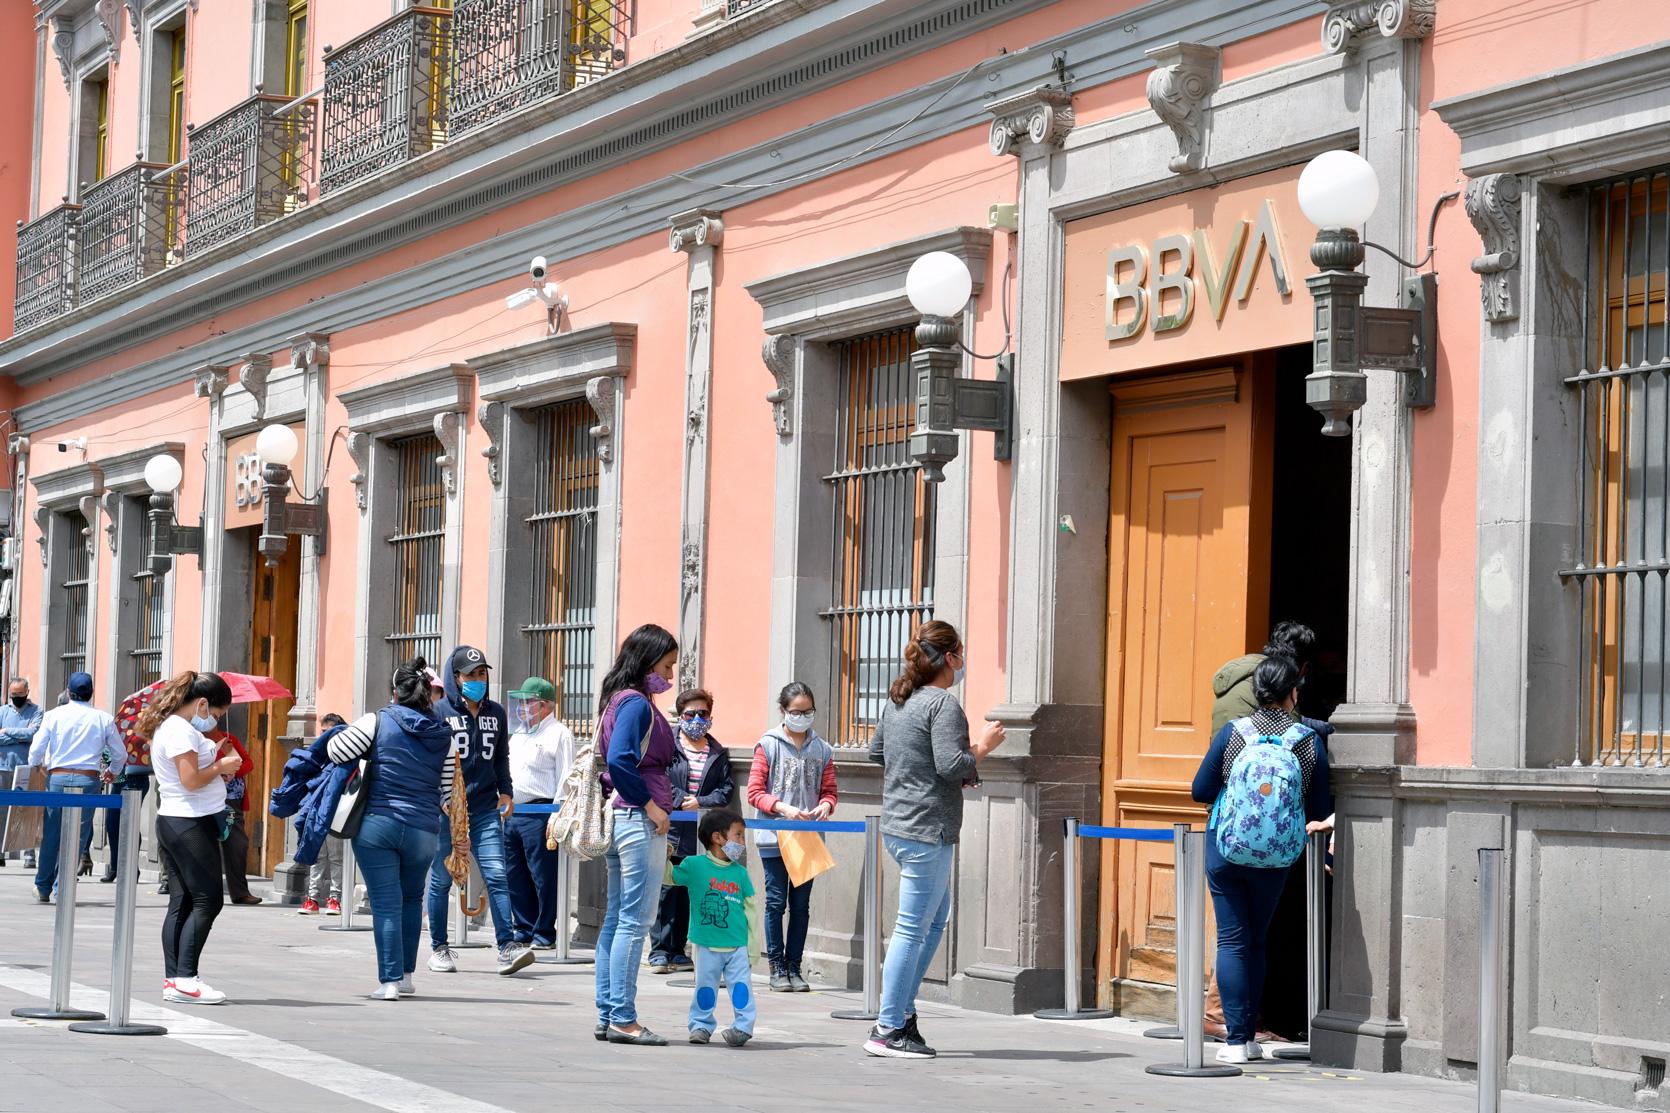 Toluca paga 150 millones de pesos a BBVA después de 10 años